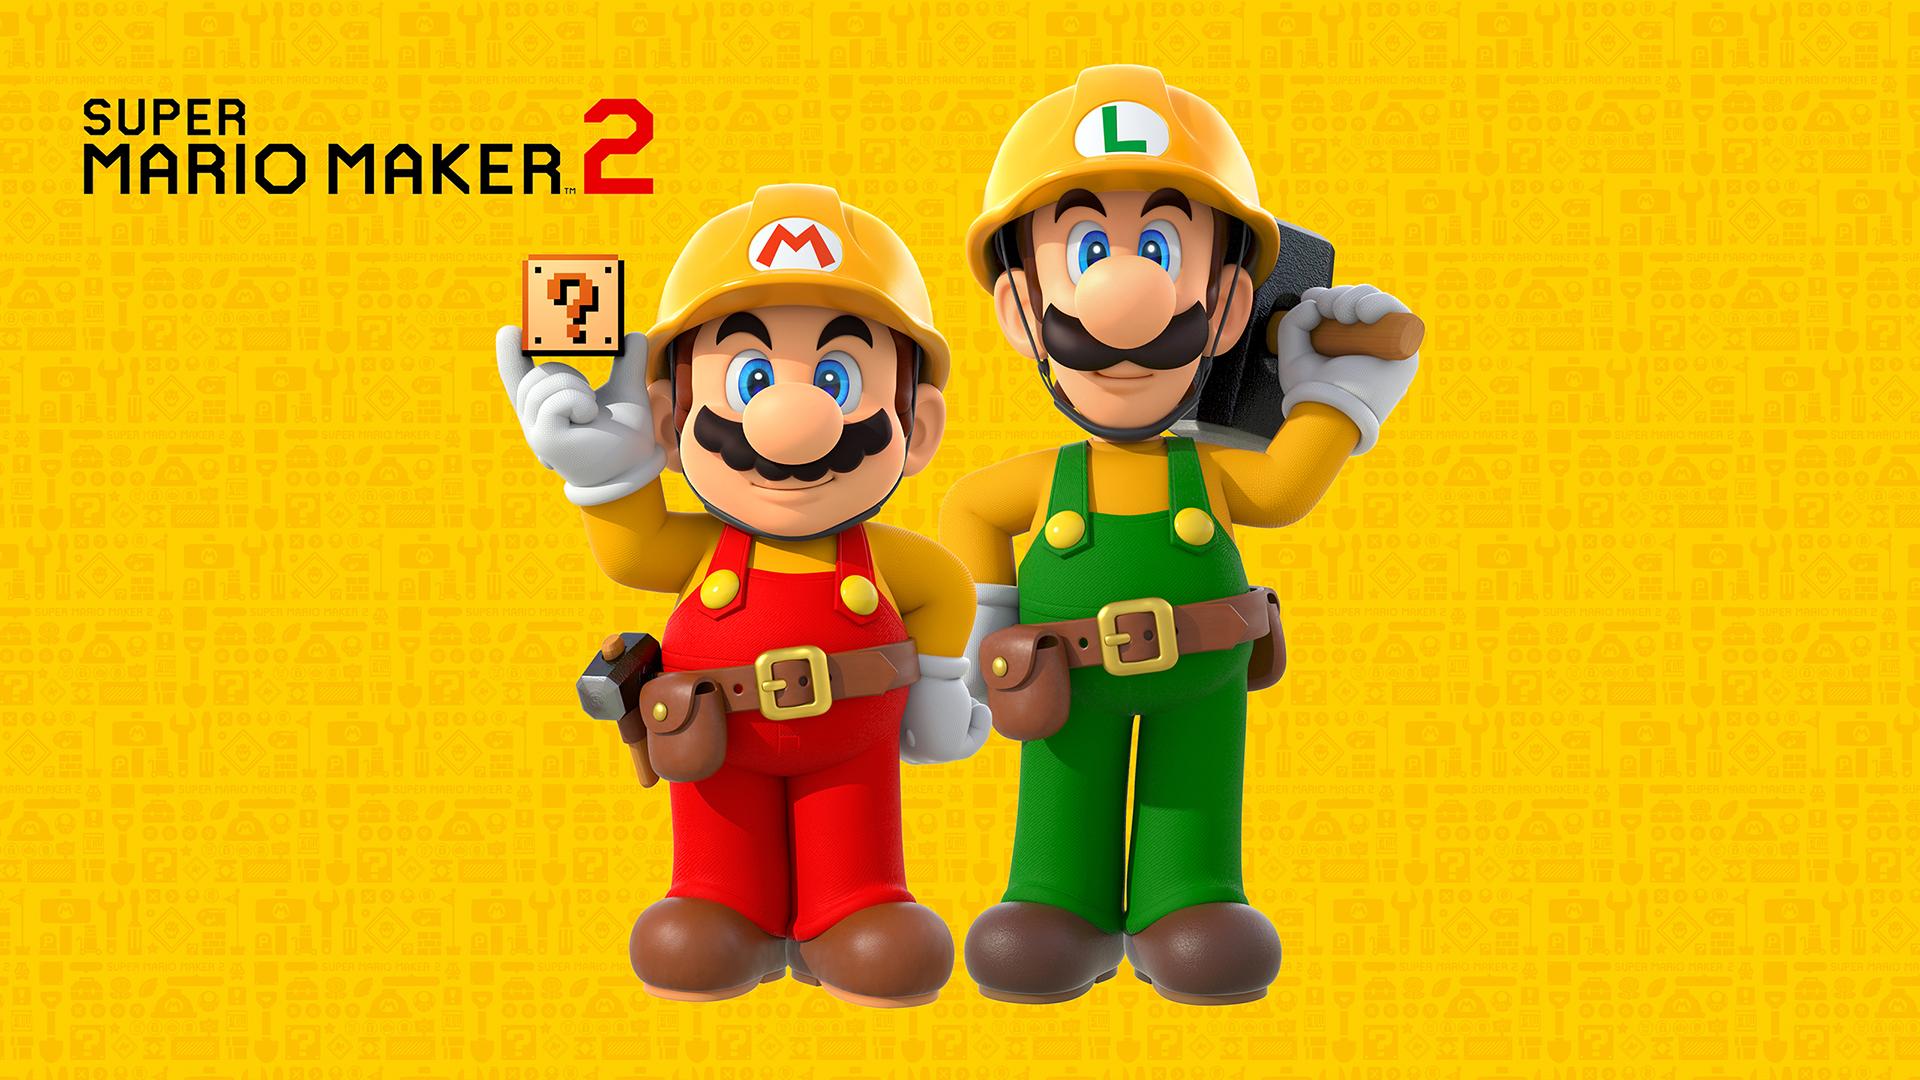 Super Mario Maker 2 Super Mario Bros Version 3 Wallpaper